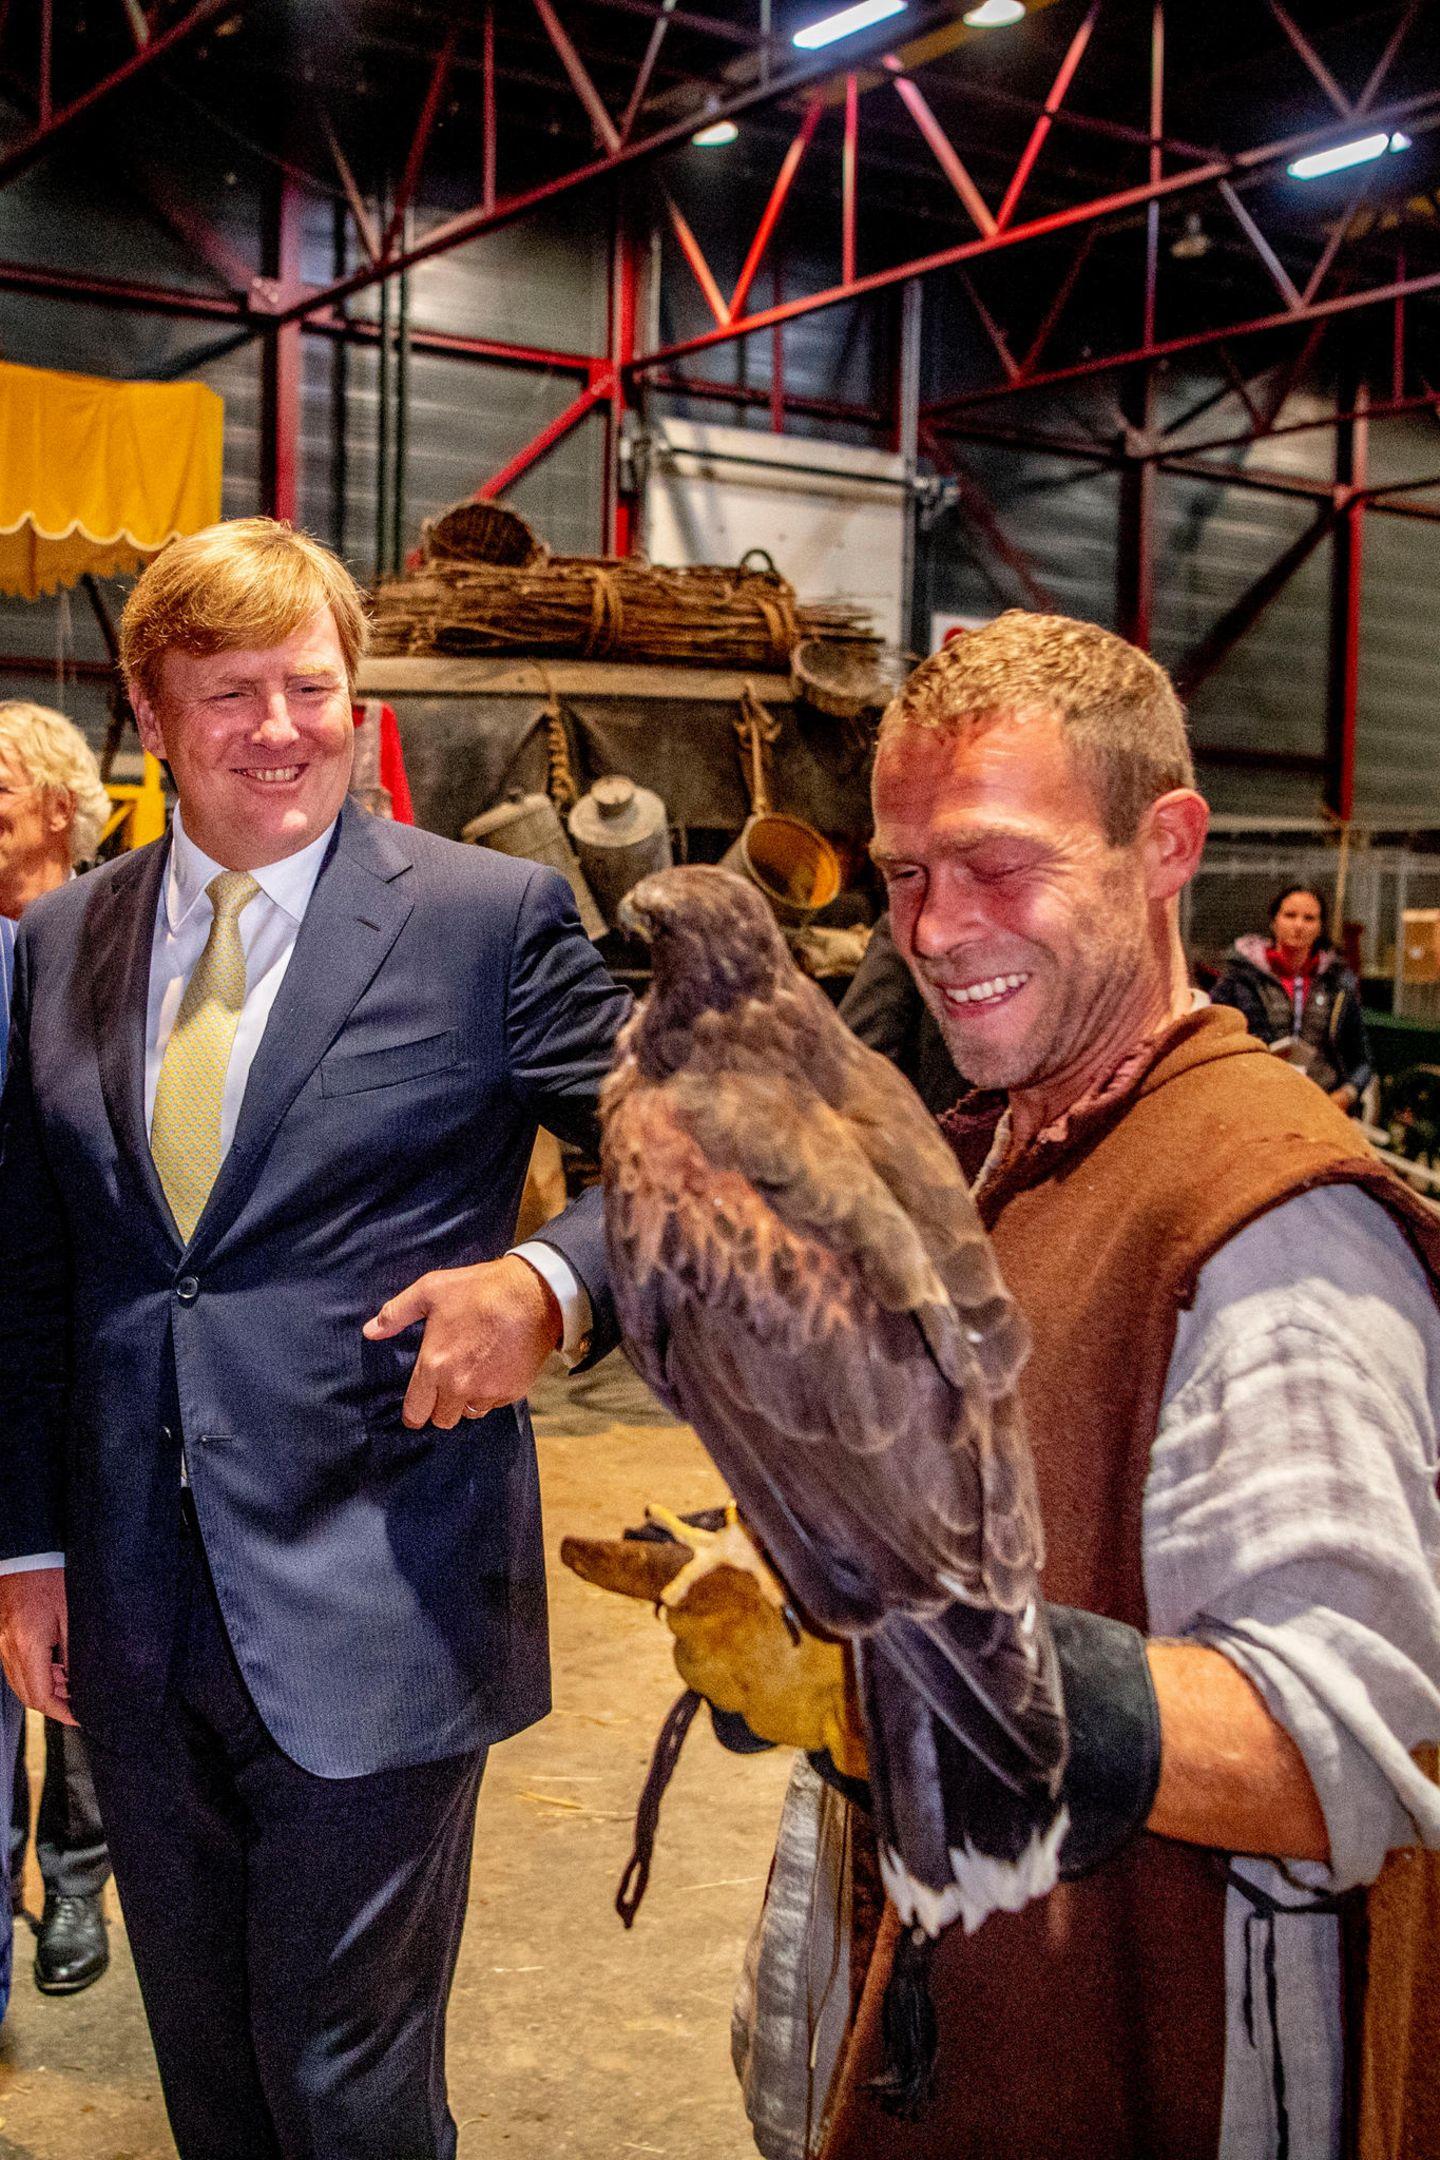 Auch König Willem Alexander macht eine tierische Begegnung. Ein großer Adler blickt dem Thronfolger direkt in die Augen. So richtig nah heran an das Tier traut sich Willem Alexander jedoch nicht.